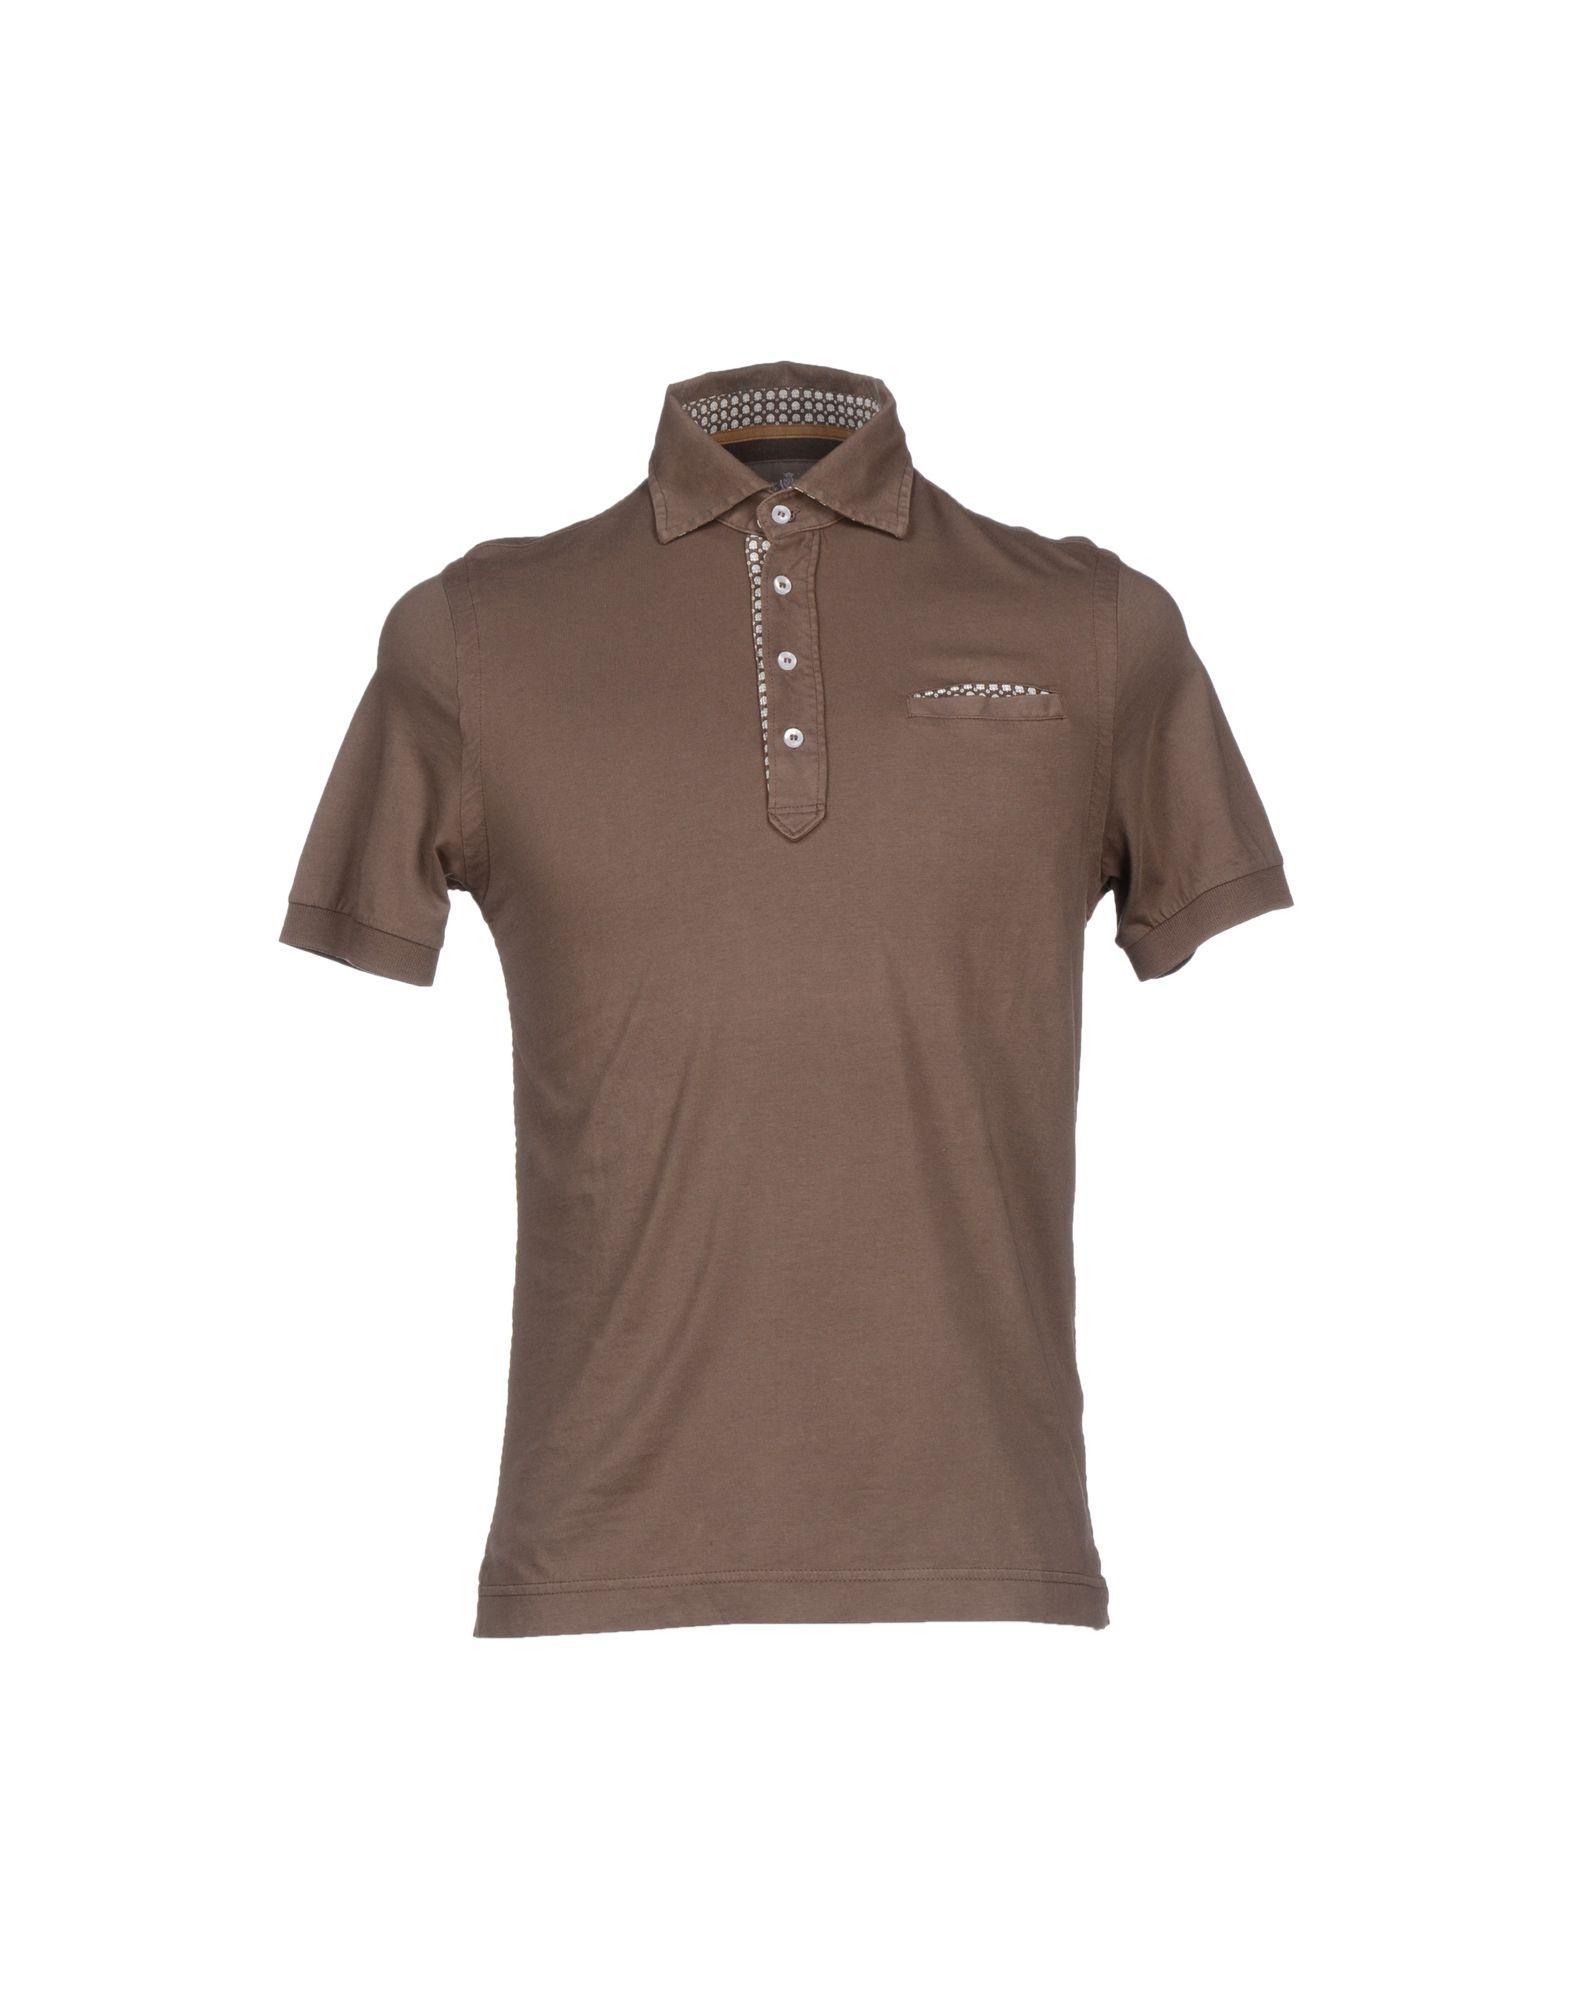 Della Ciana Polo Shirt In Brown For Men Cocoa Lyst